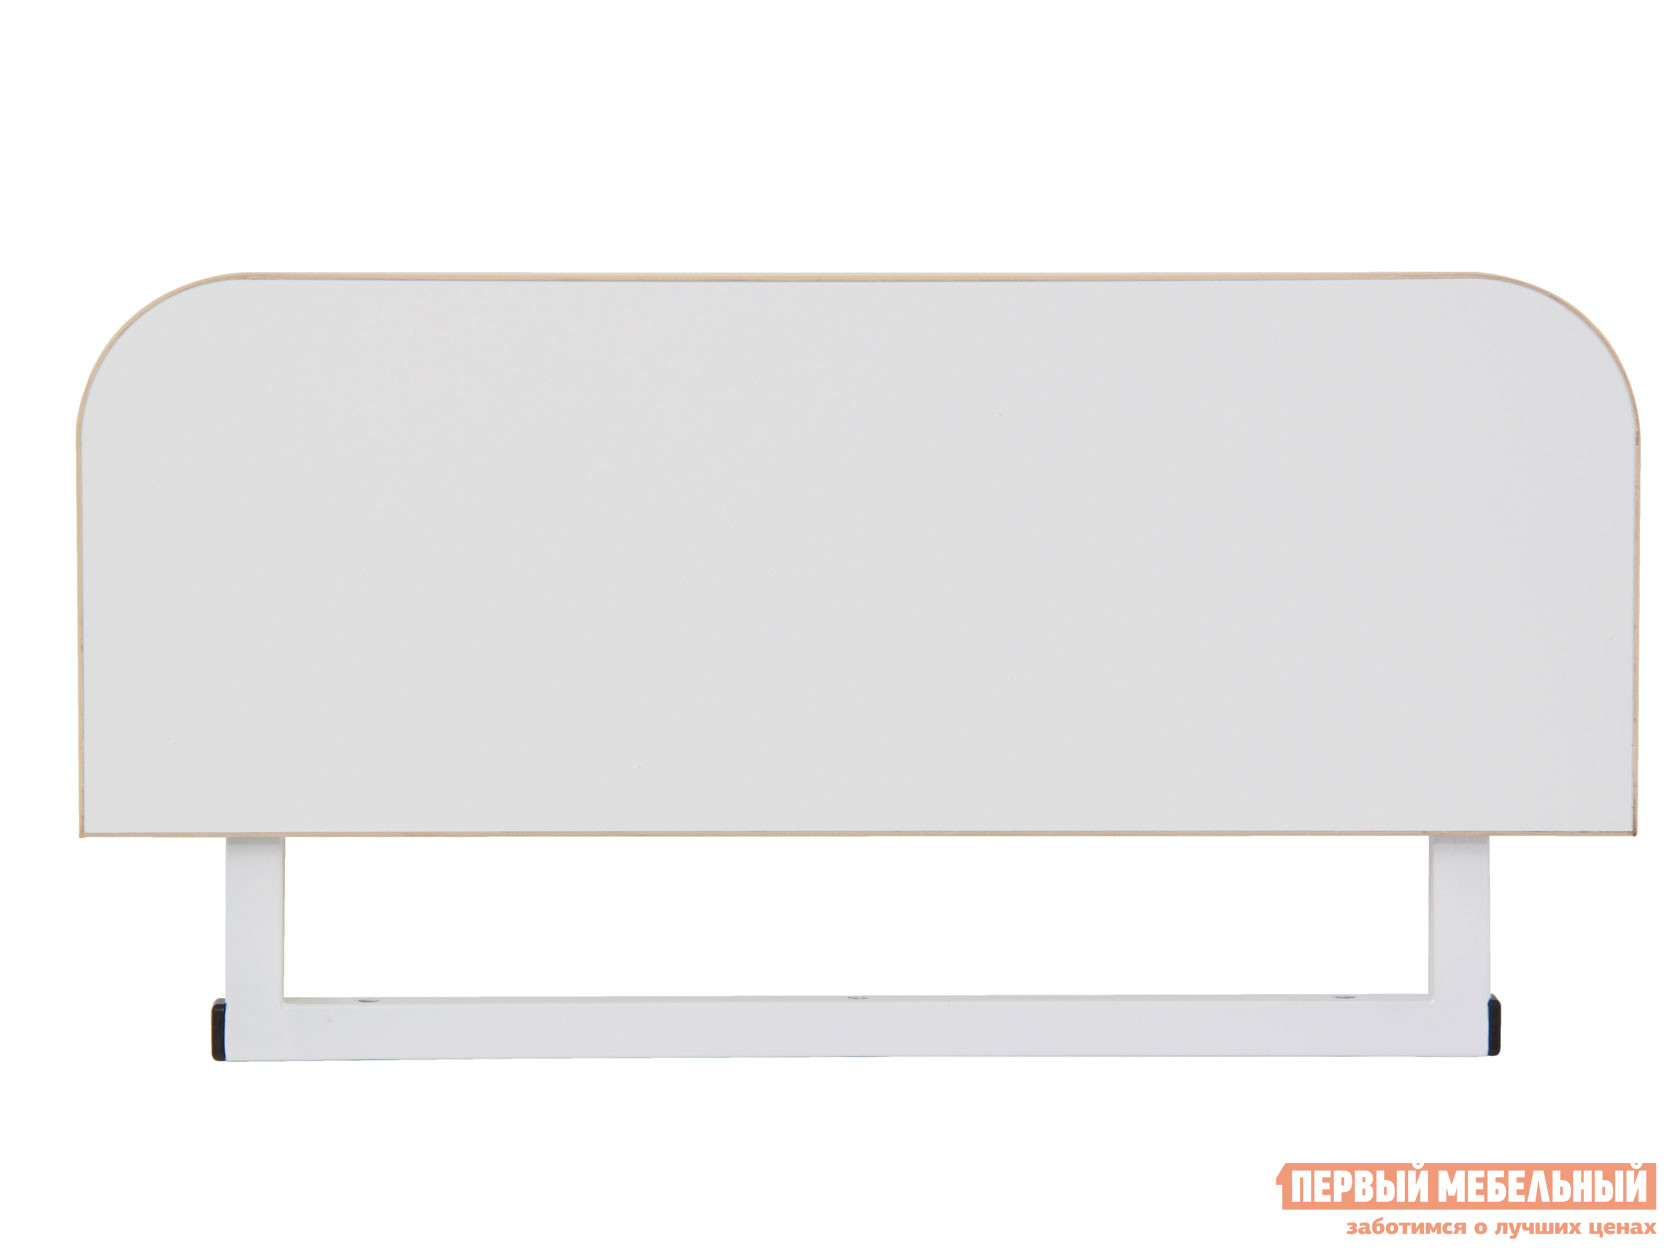 Боковая приставка ВПК Приставка боковая для растущей парты-трансформера Polini kids City D2, 55х20 см